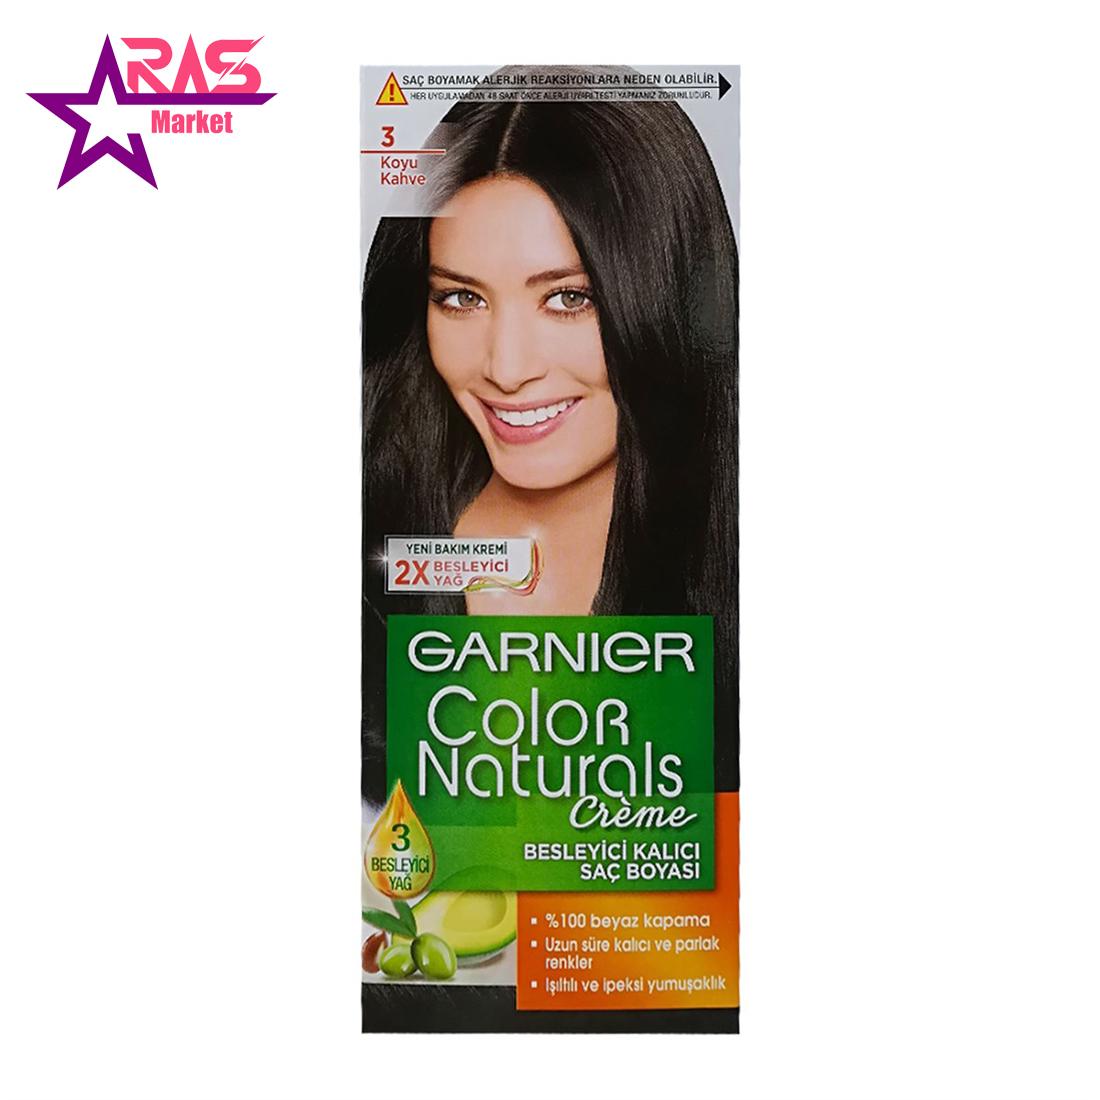 کیت رنگ مو گارنیر سری Color Naturals شماره 3 ، فروشگاه اینترنتی ارس مارکت ، رنگ موی گارنیر